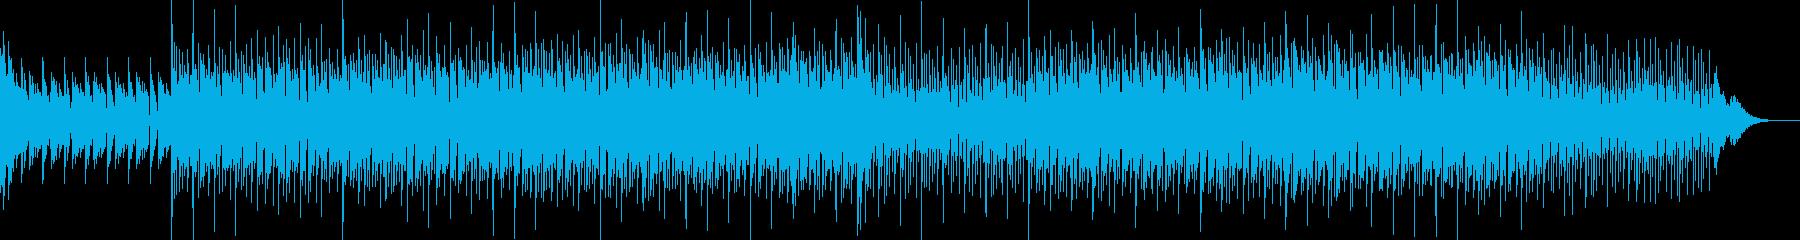 ニュース映像ナレーションバック向け-18の再生済みの波形